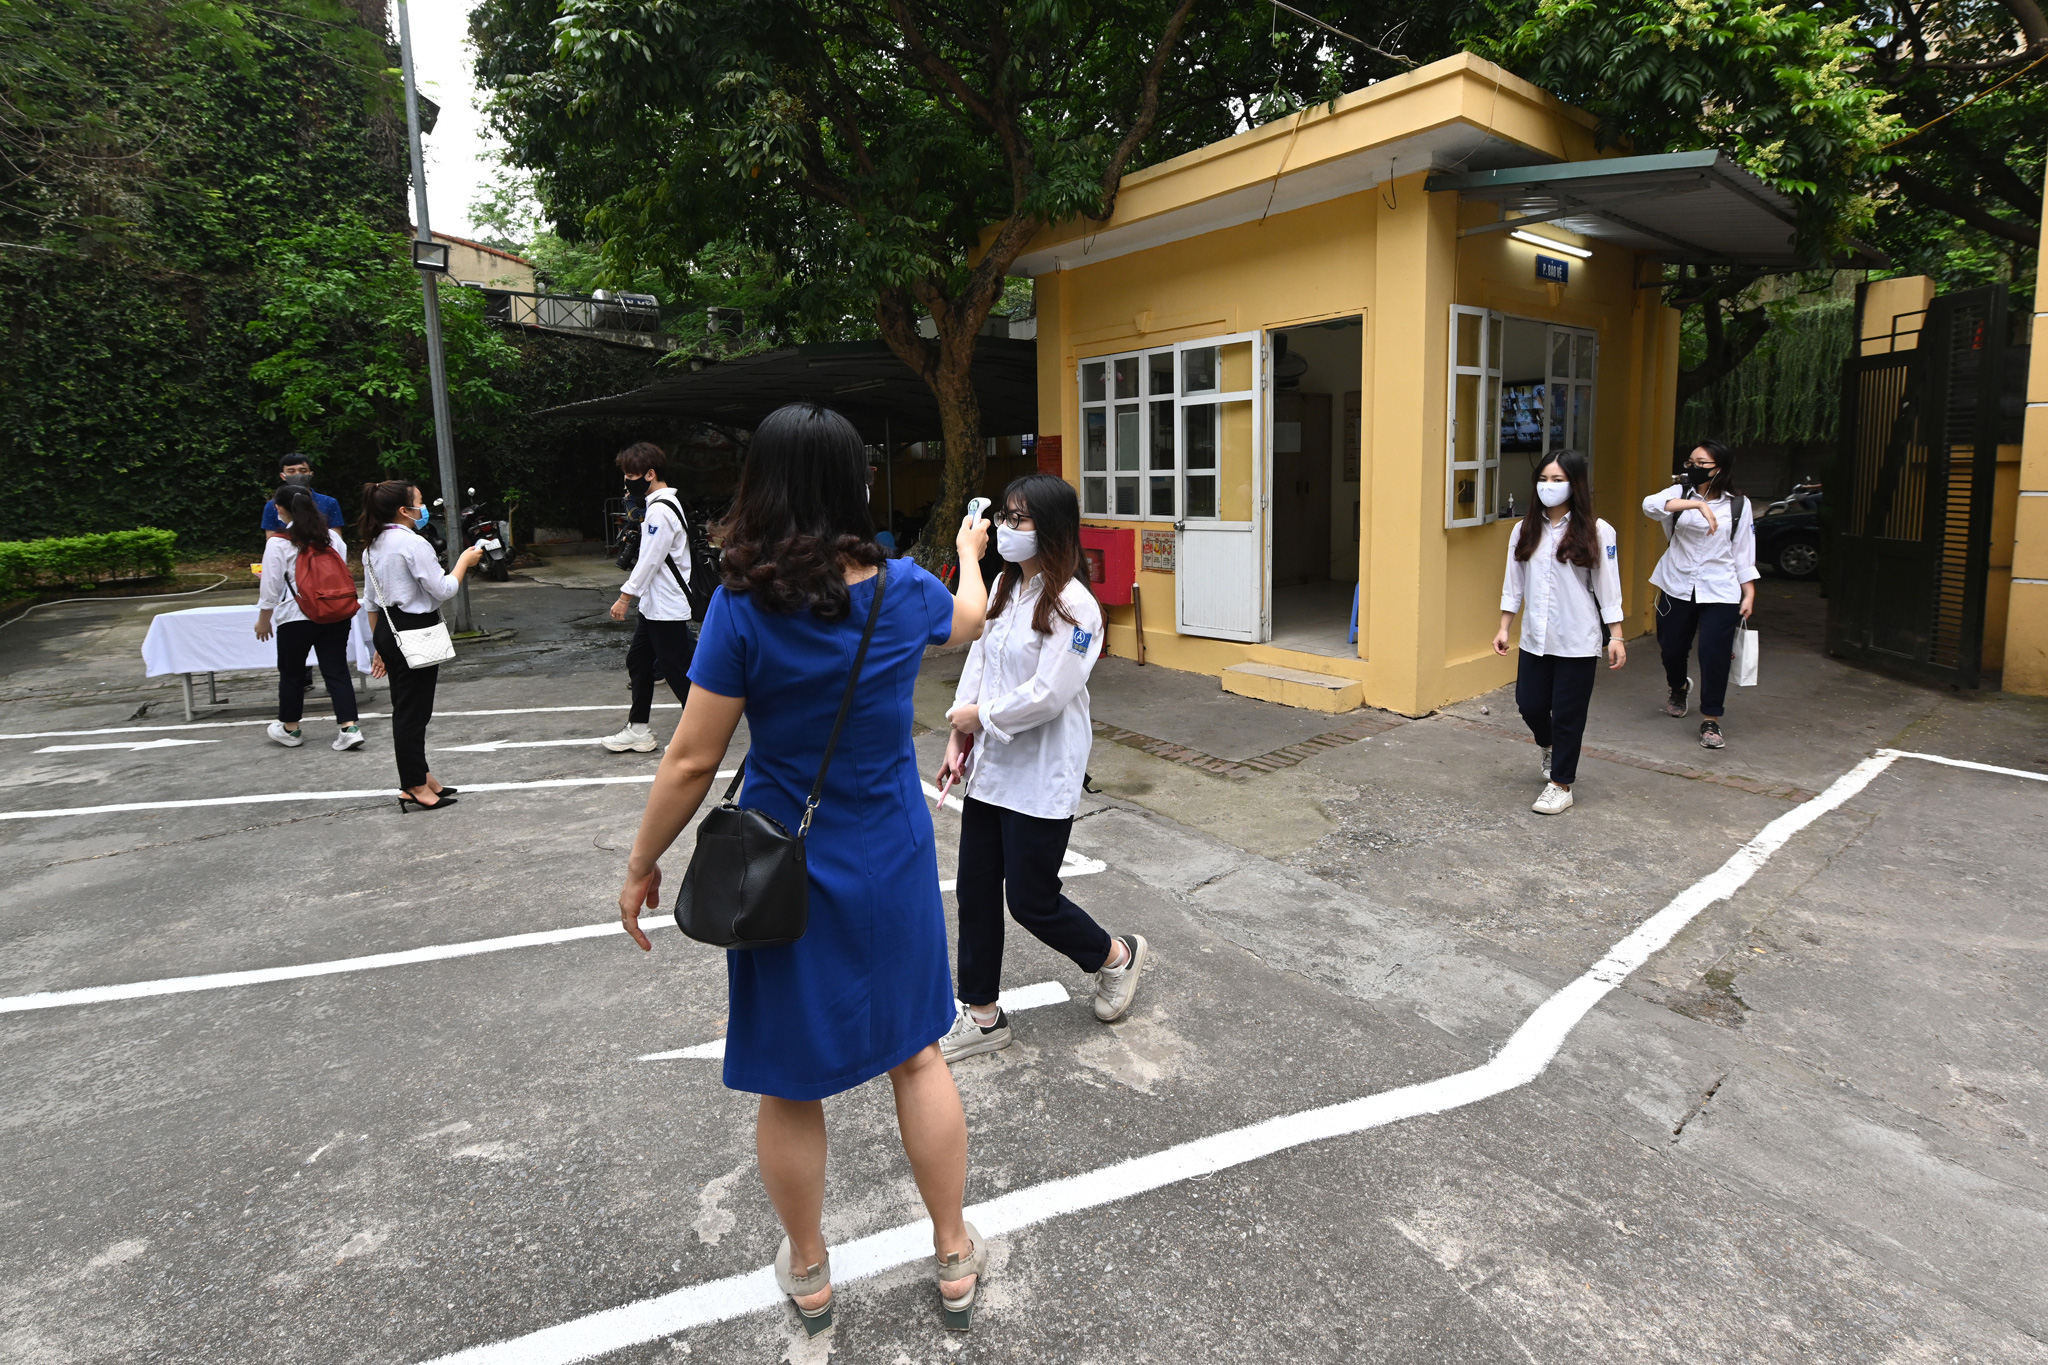 Học sinh đeo khẩu trang trở lại trường, chào cờ tại lớp học sau thời gian học online kỷ lục vì Covid-19 - Ảnh 5.